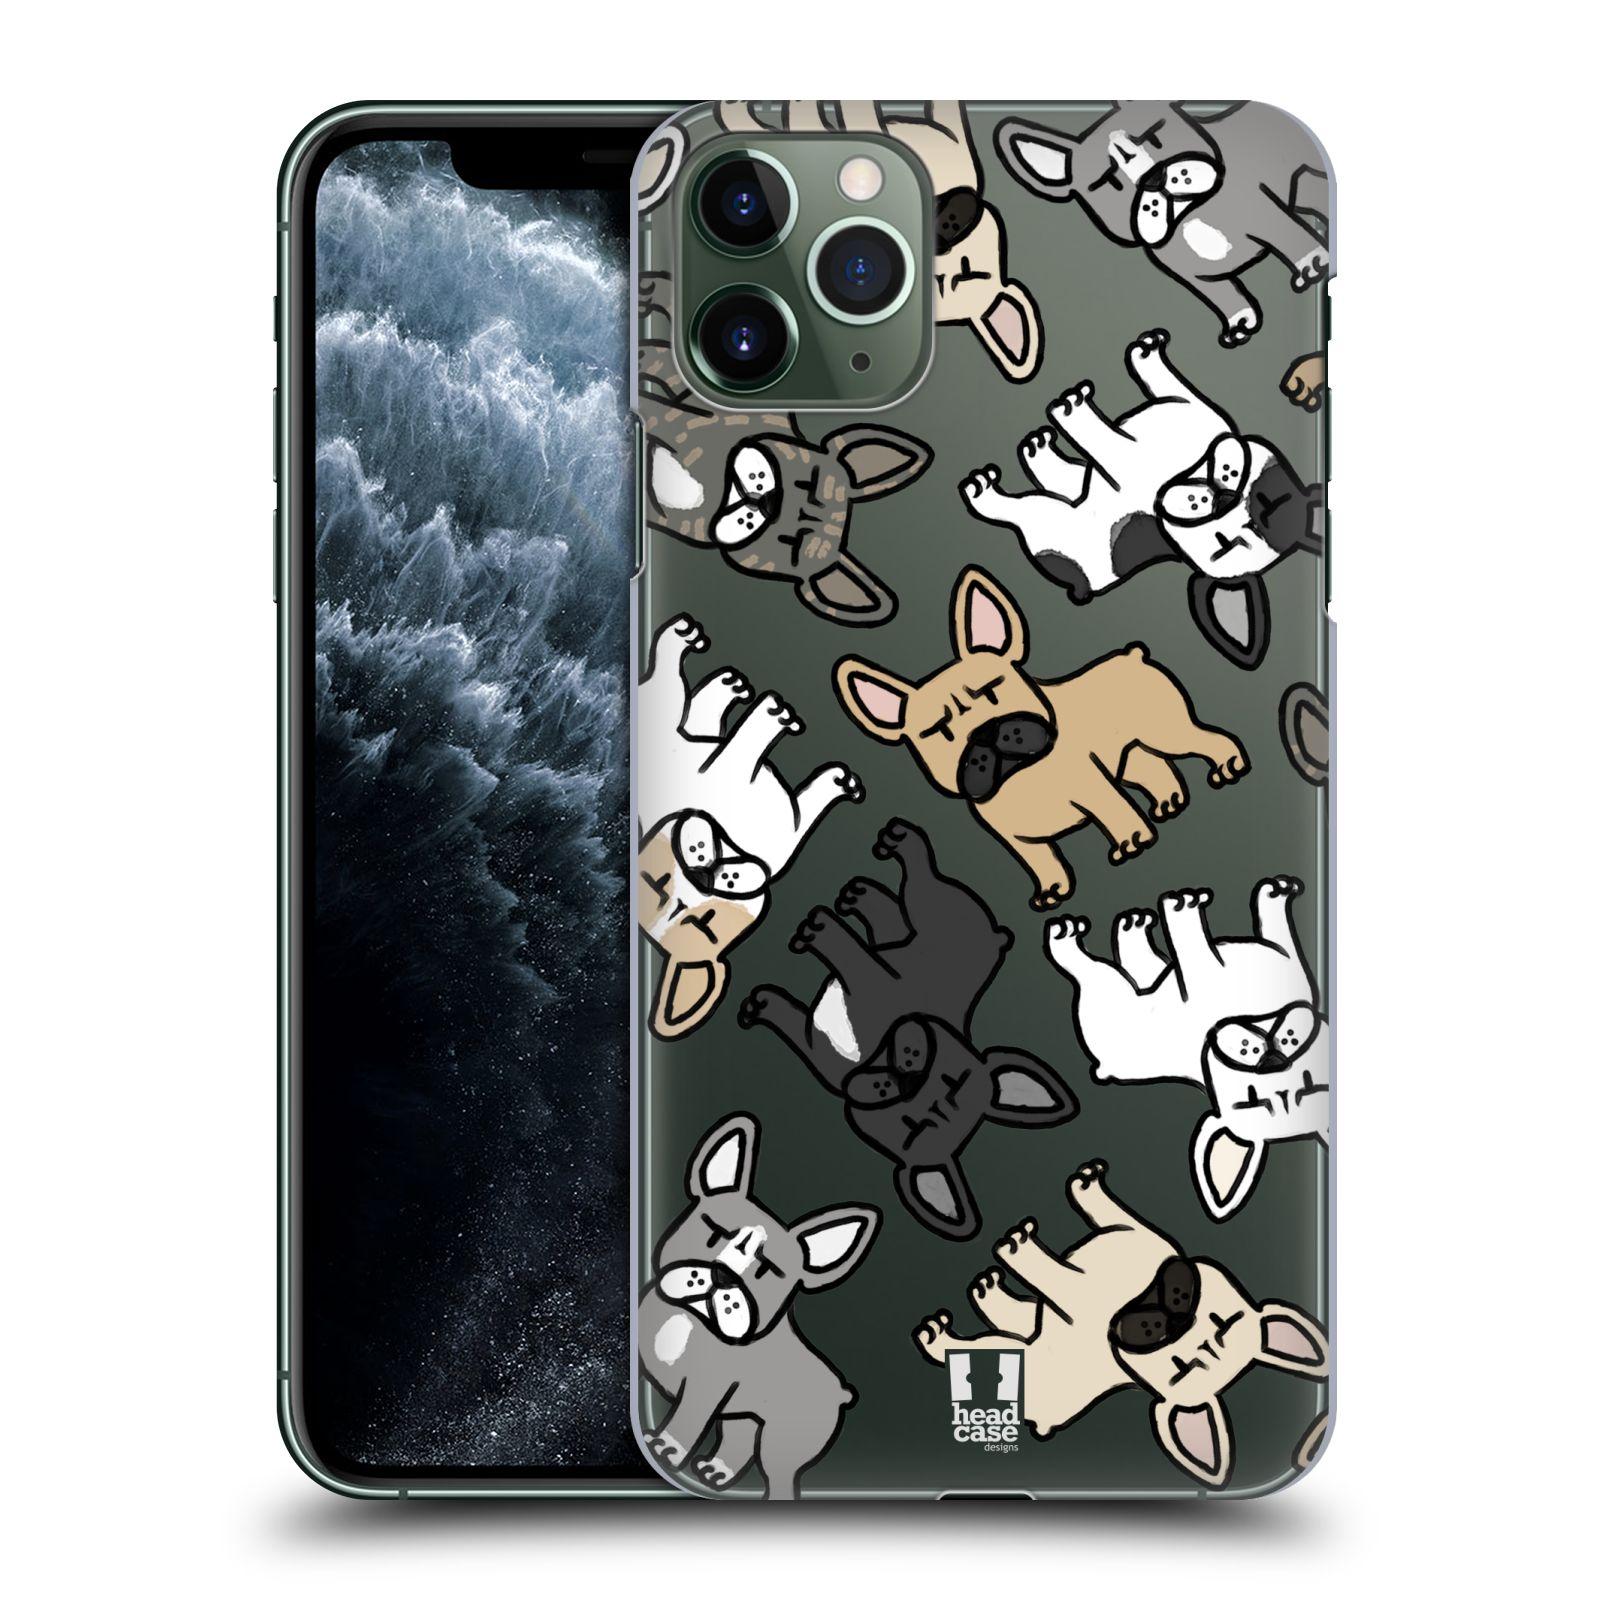 Plastové pouzdro na mobil Apple iPhone 11 Pro Max - Head Case - Francouzští buldočci